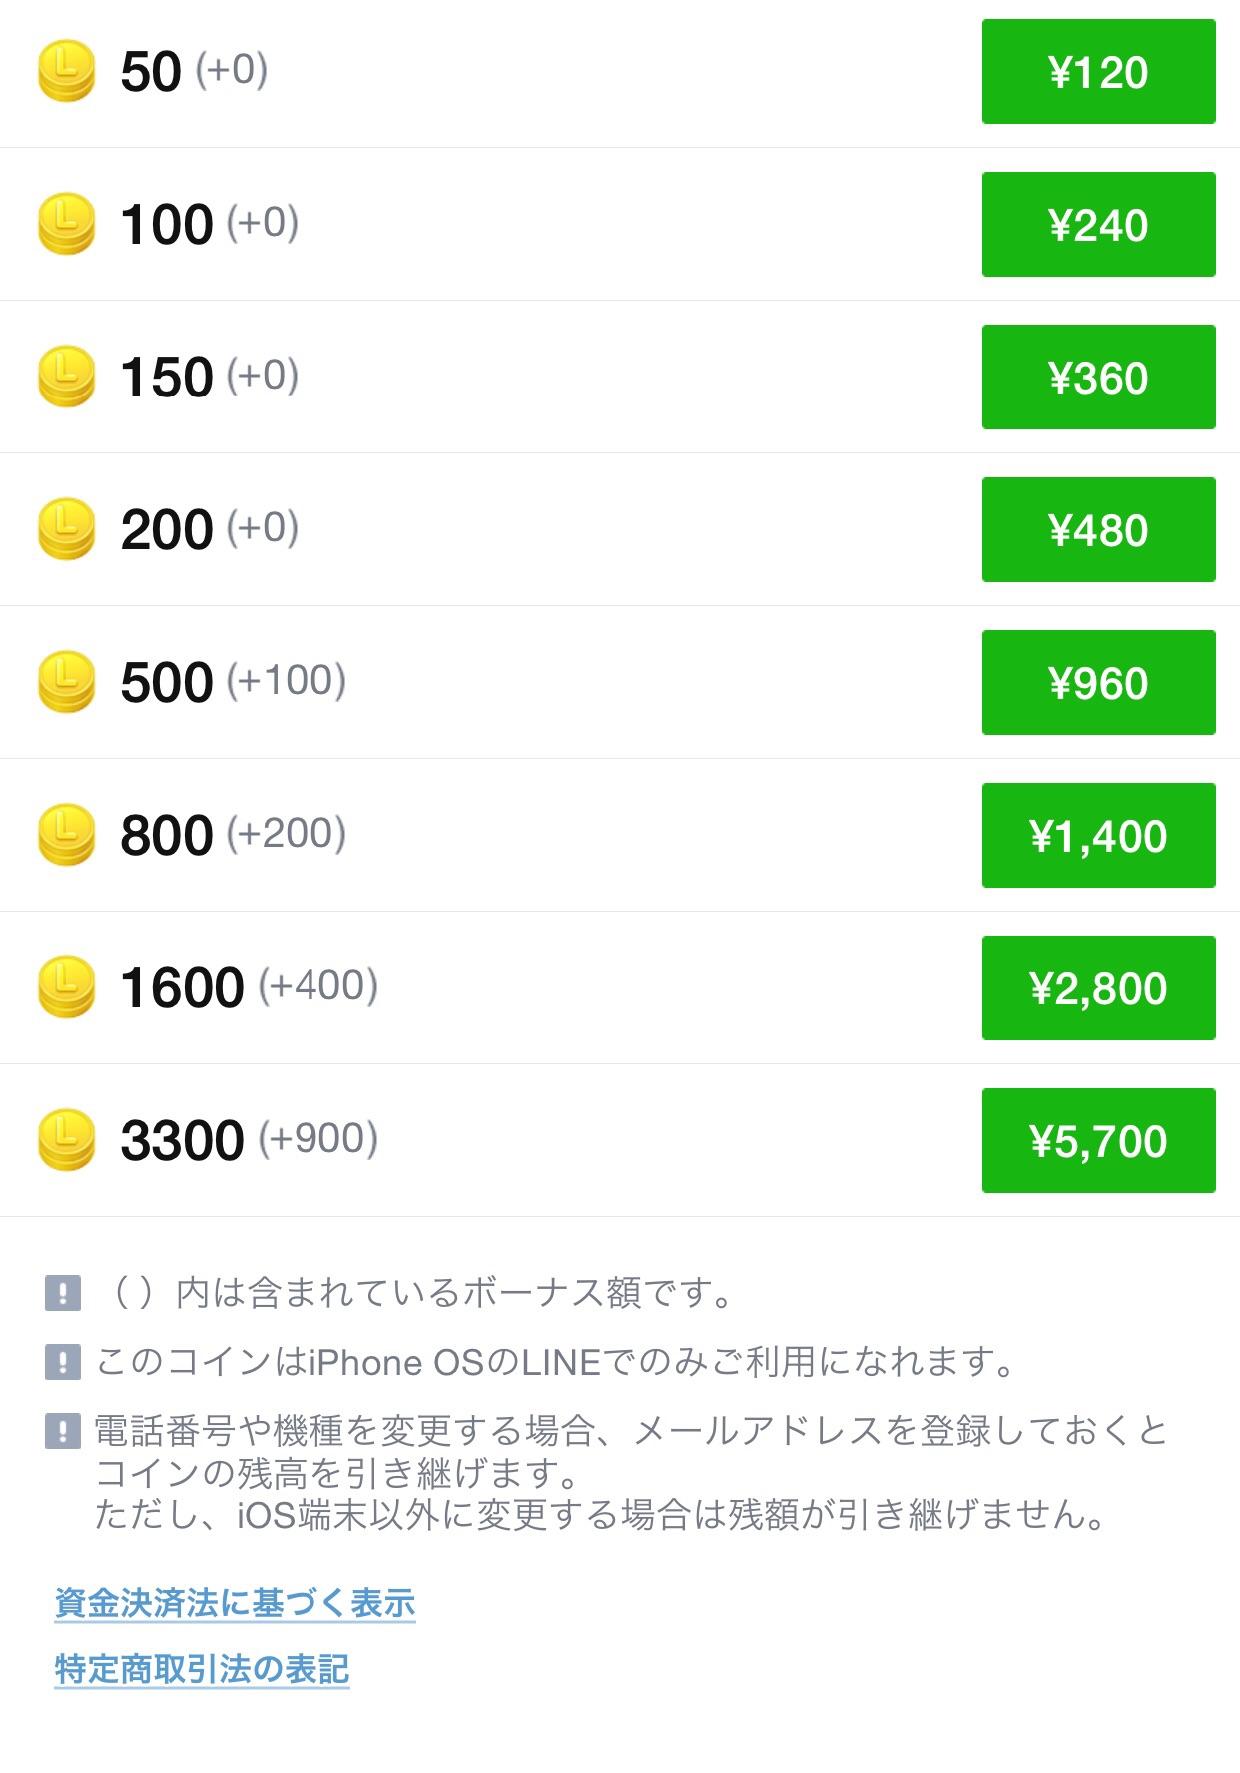 ビットコイン10万円分だけ買ってみたwwwwwwww